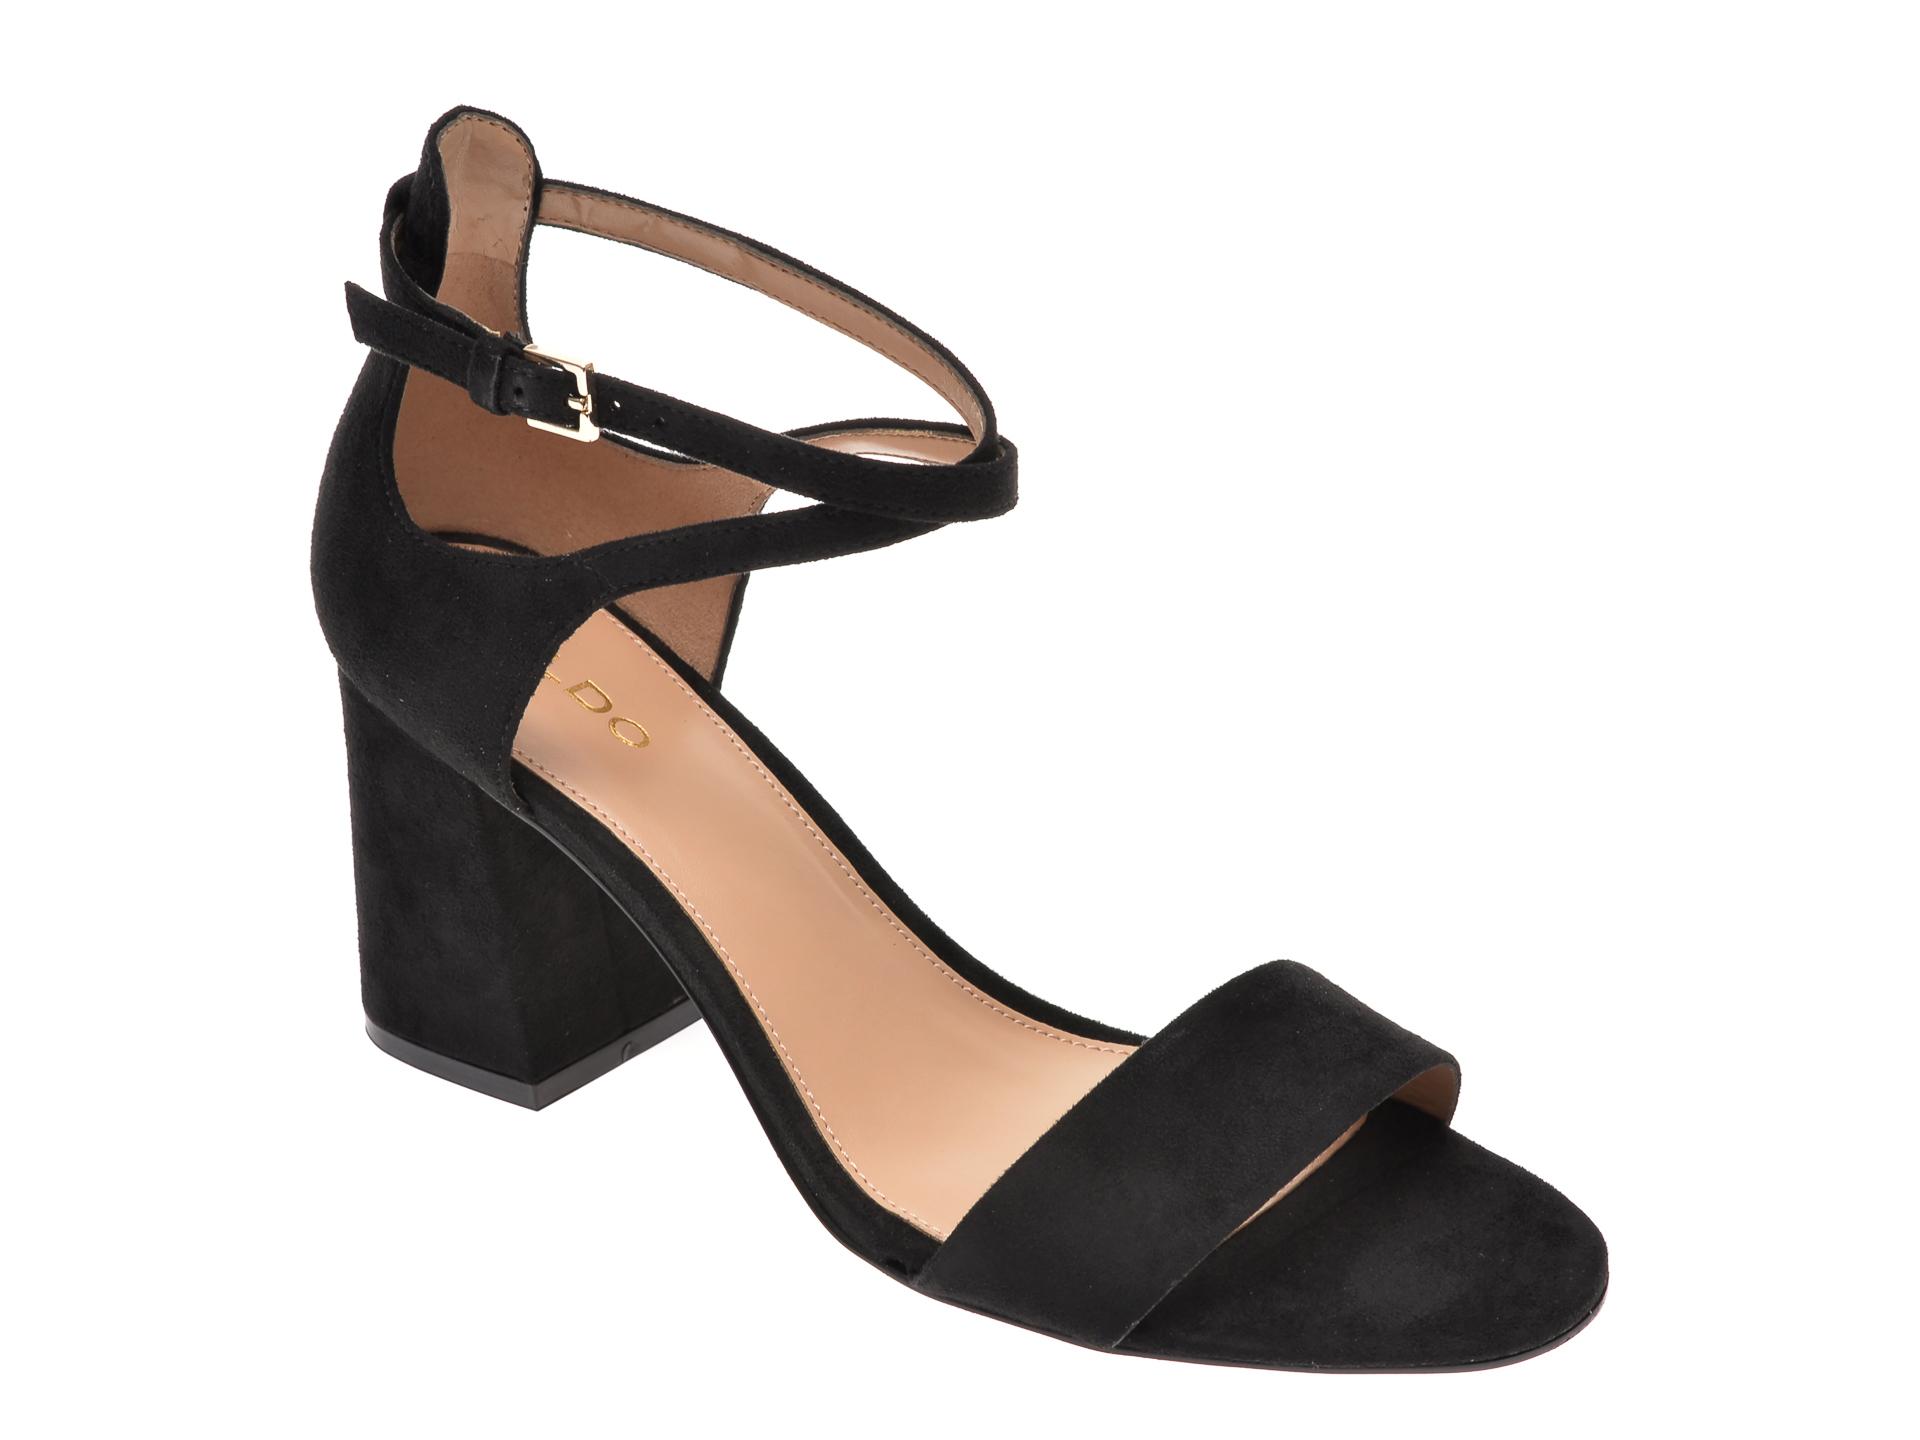 Sandale ALDO negre, Aboedia001, din piele ecologica